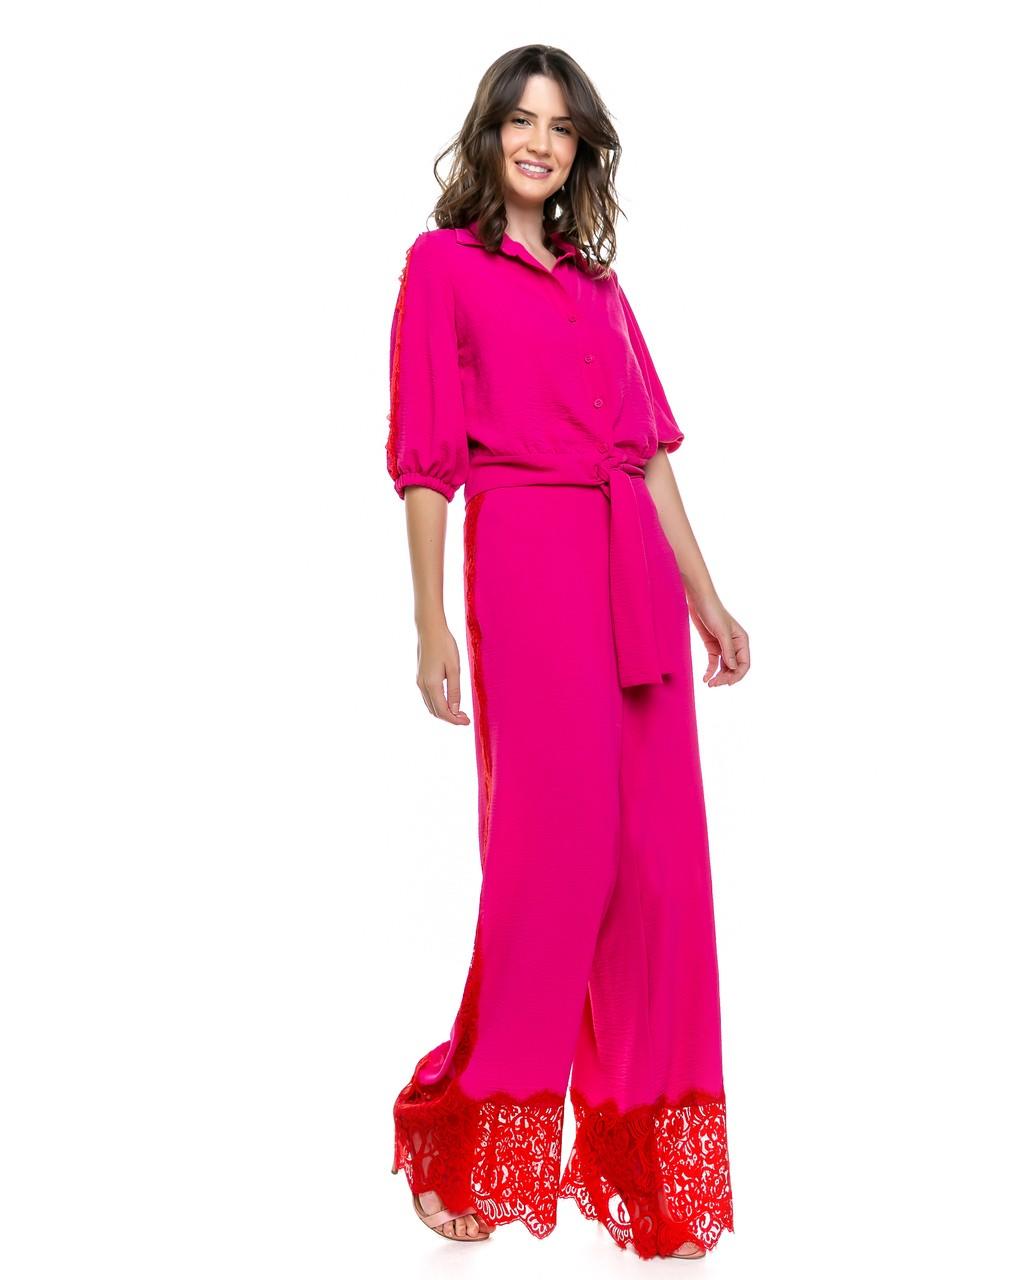 Calça Pantalona com Detalhes em Renda Chantilly